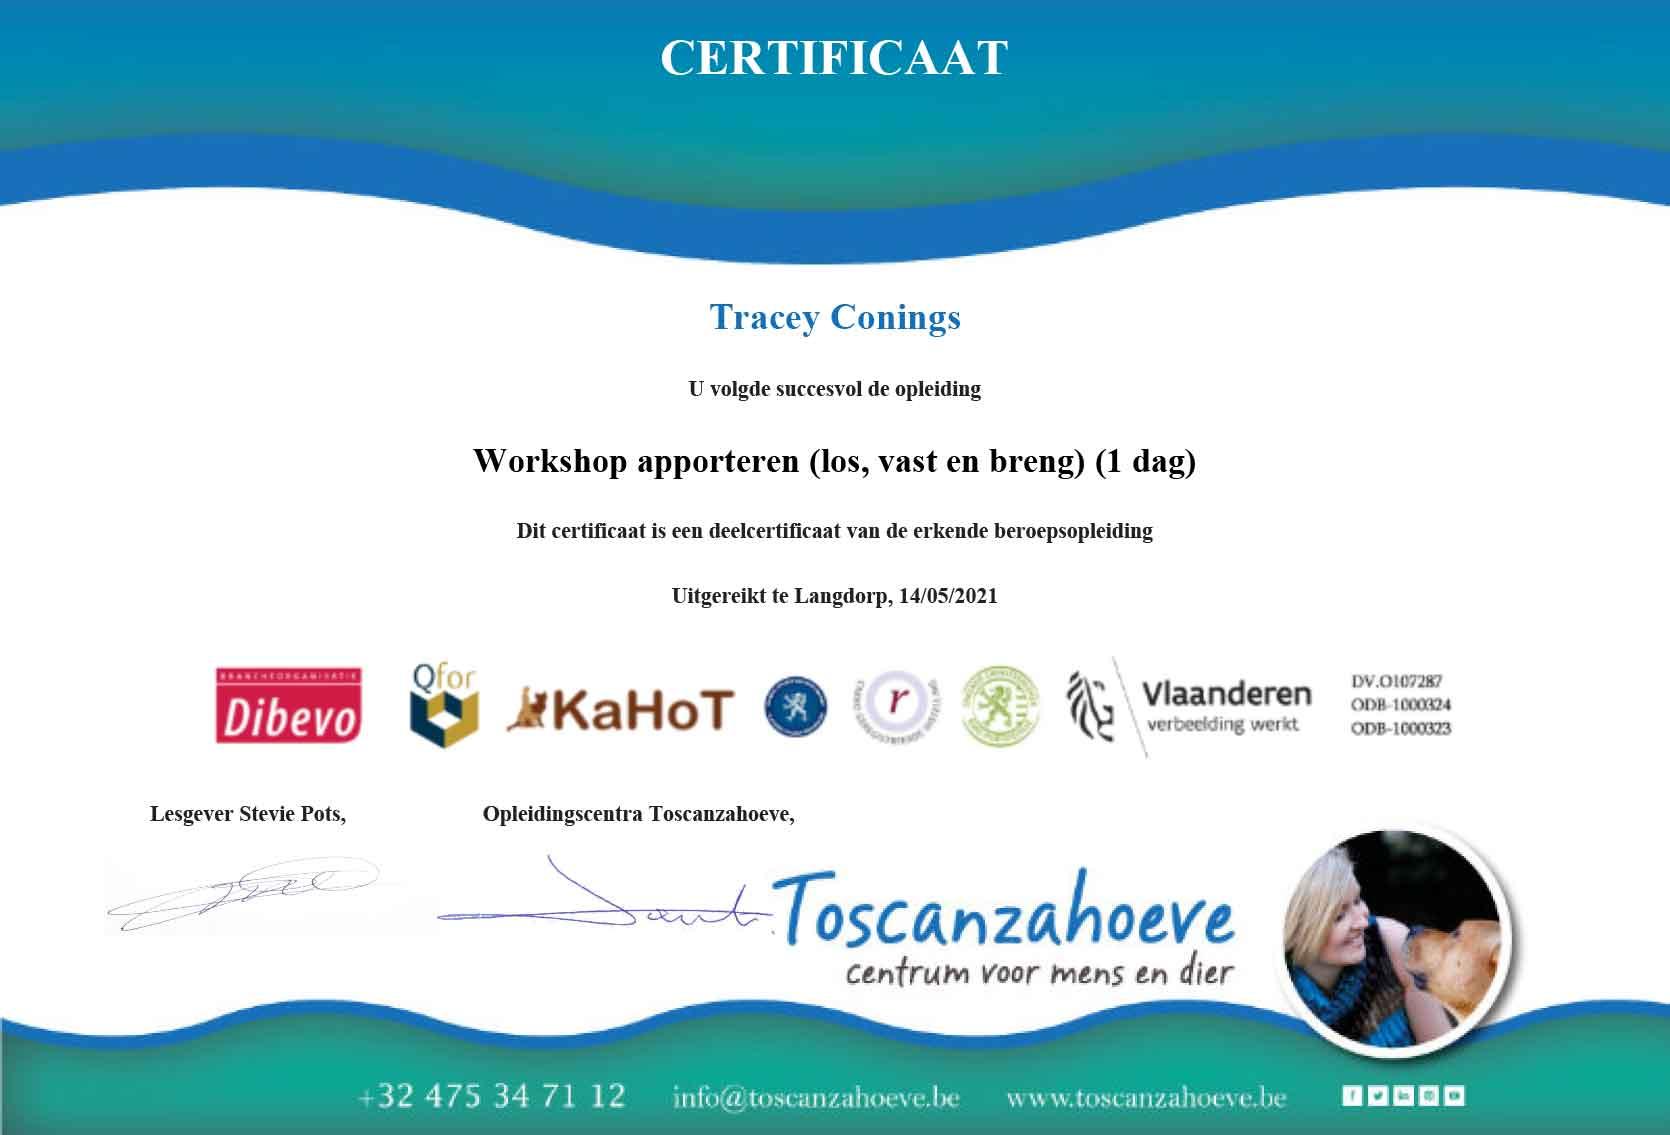 Certificaat Workshop apporteren los vast en breng Tracey Conings